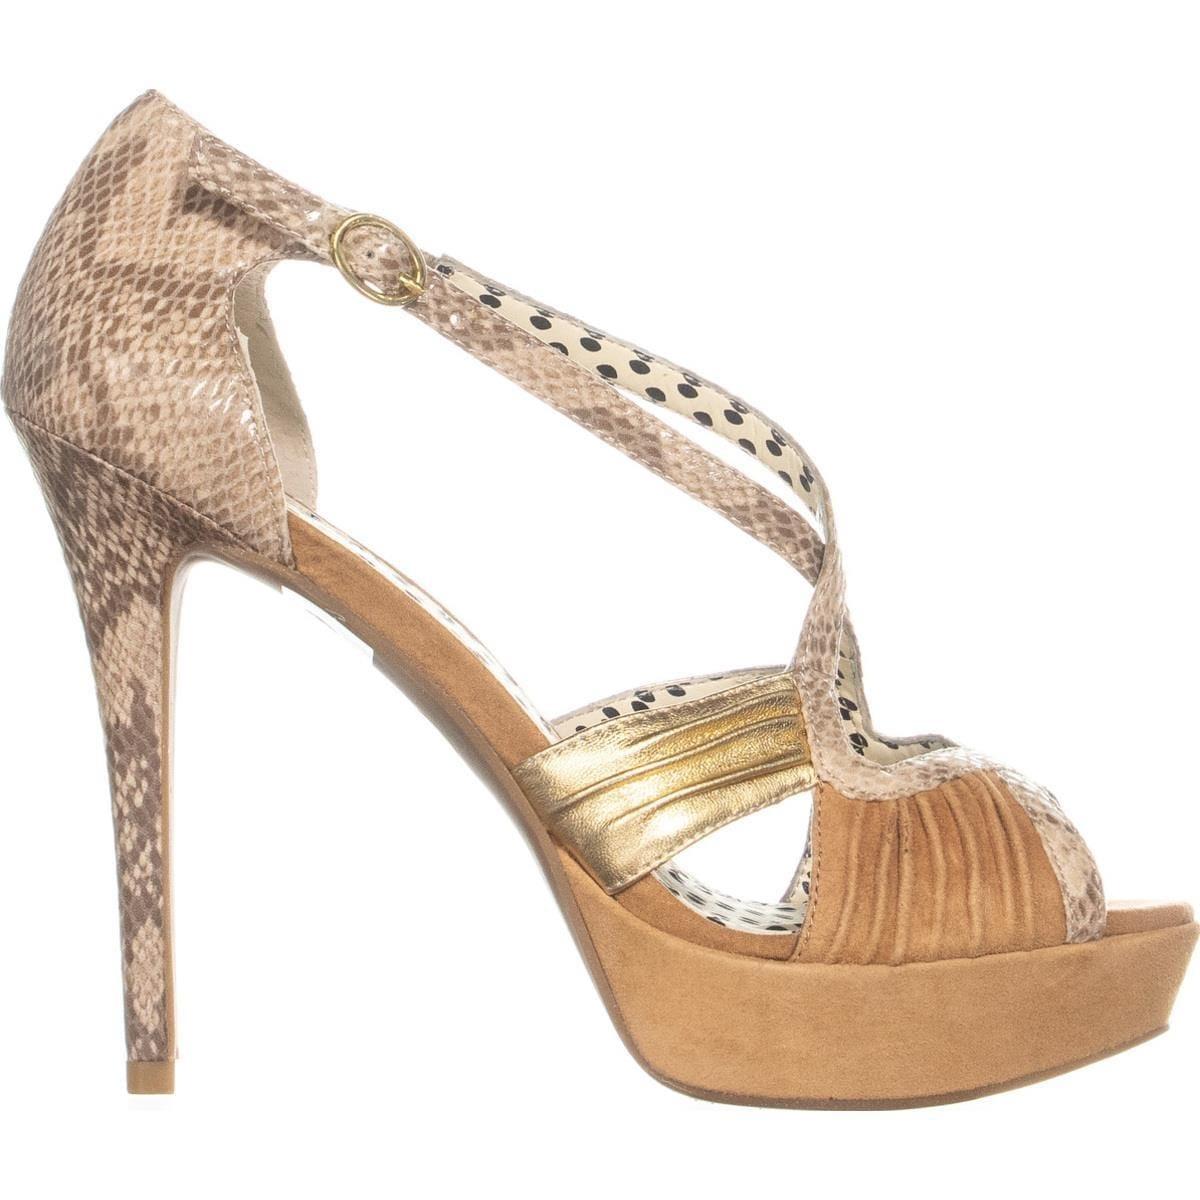 6e5365abcec Shop Jessica Simpson Brouge Ankle Strap Platform Pumps